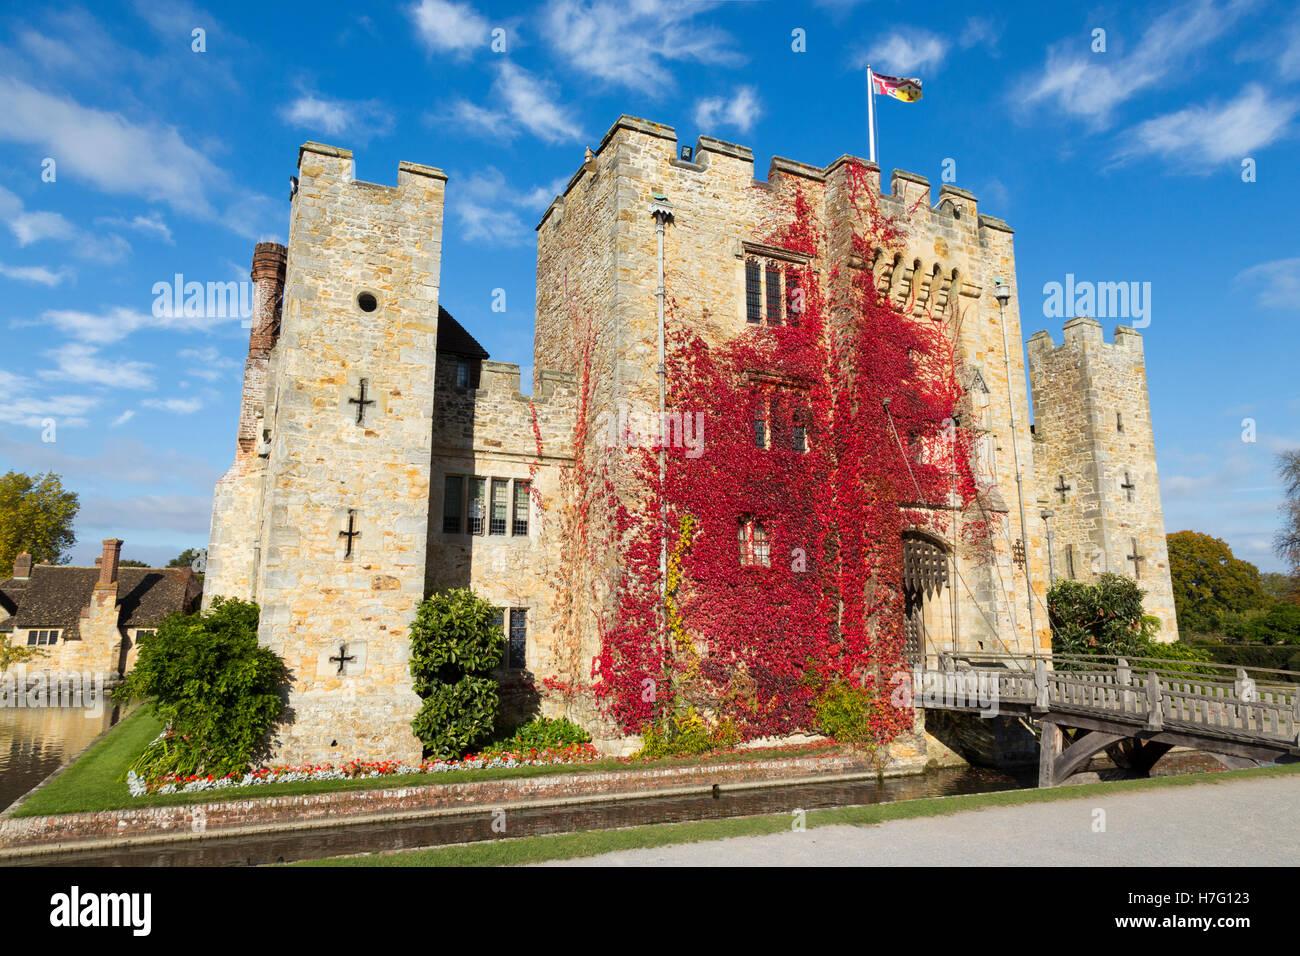 Hever Castle mit wildem Wein rot herbstlich gekleidet: Blue Sky / sonnigen Himmel / Sonne & Zugbrücke / Stockbild